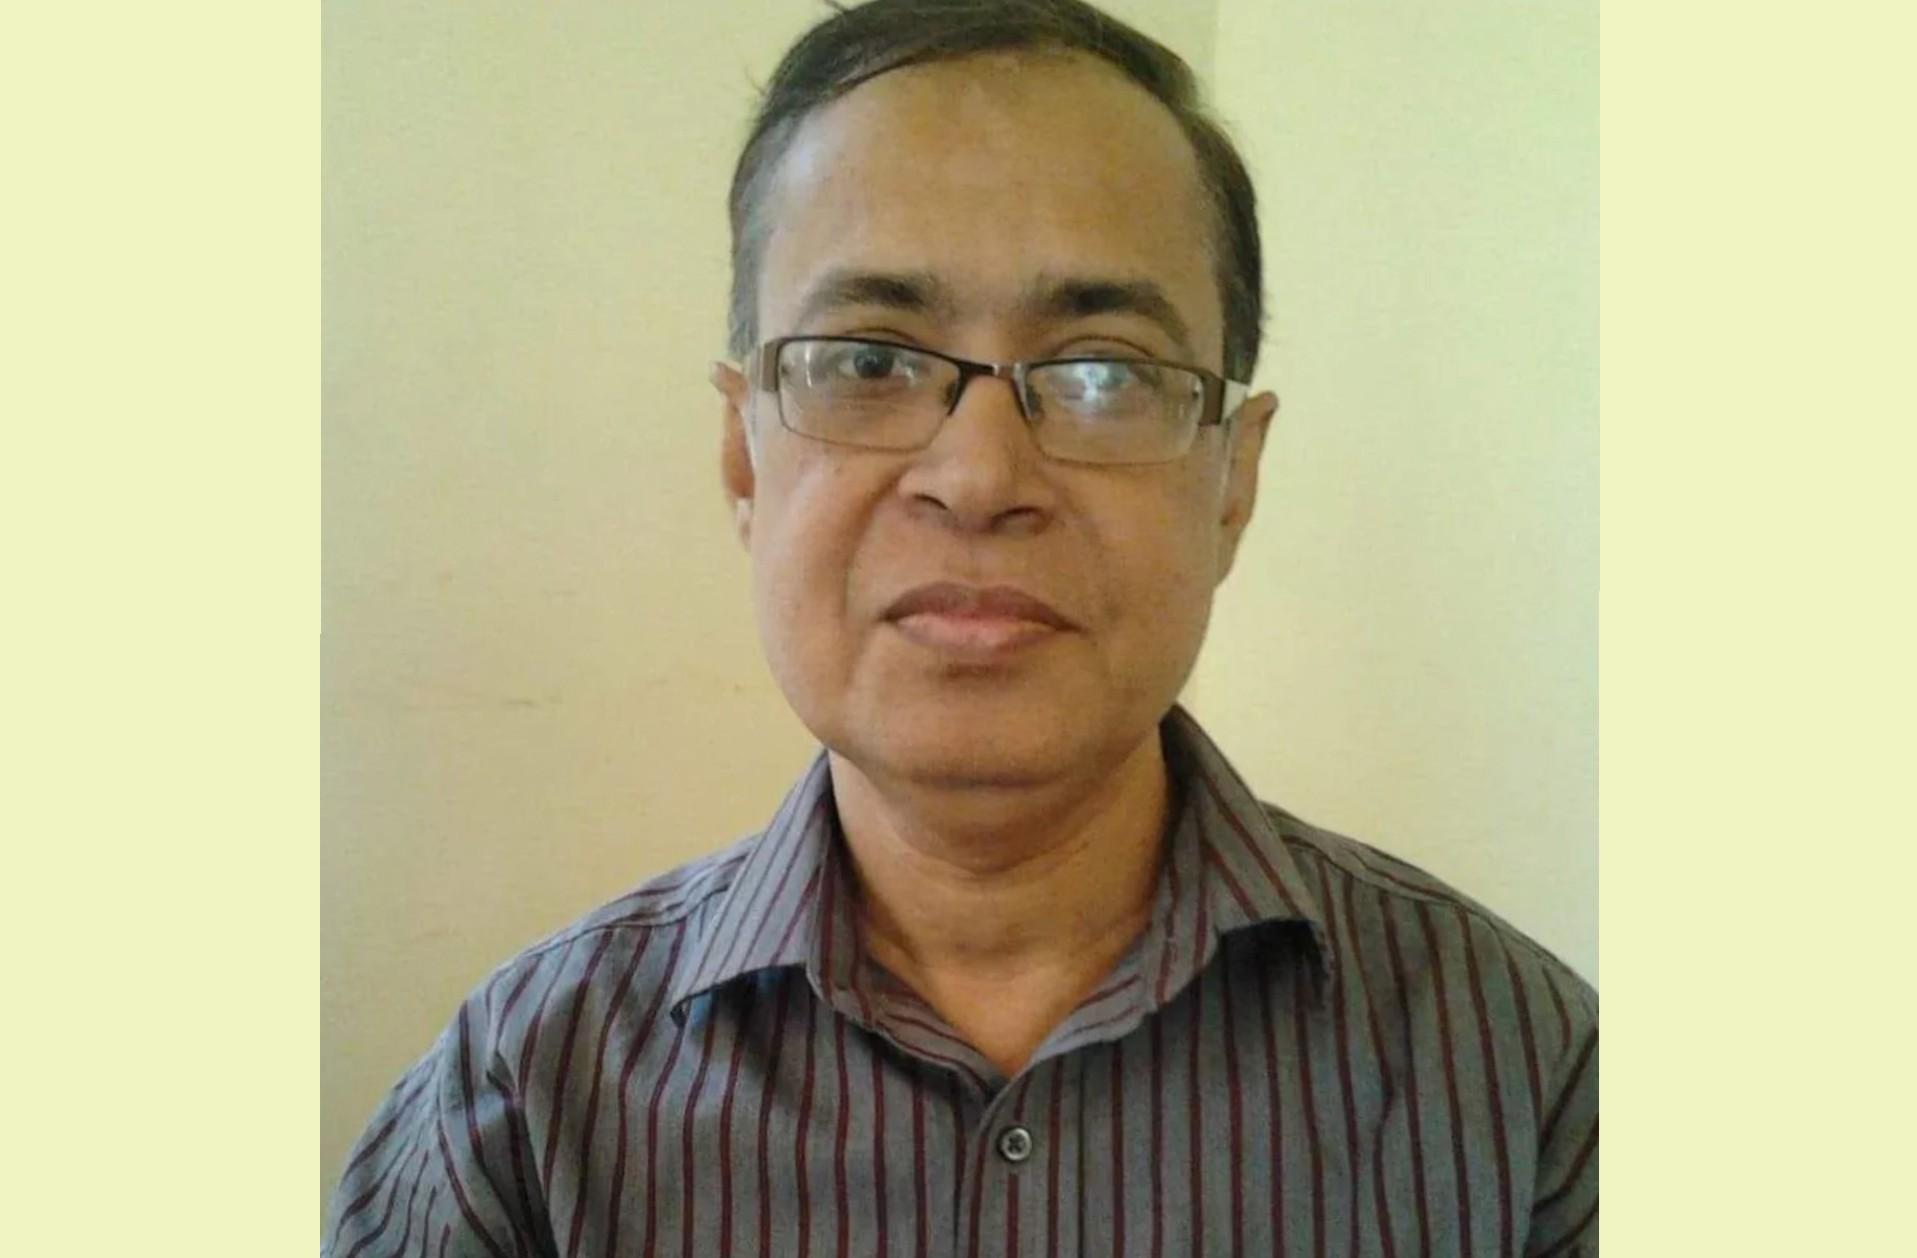 """চট্টগ্রাম মেডিকেল বিশ্ববিদ্যালয়ের """"ডেন্টিস্ট্রি"""" অনুষদের প্রথম ডীন অধ্যাপক ডা. আকরাম"""